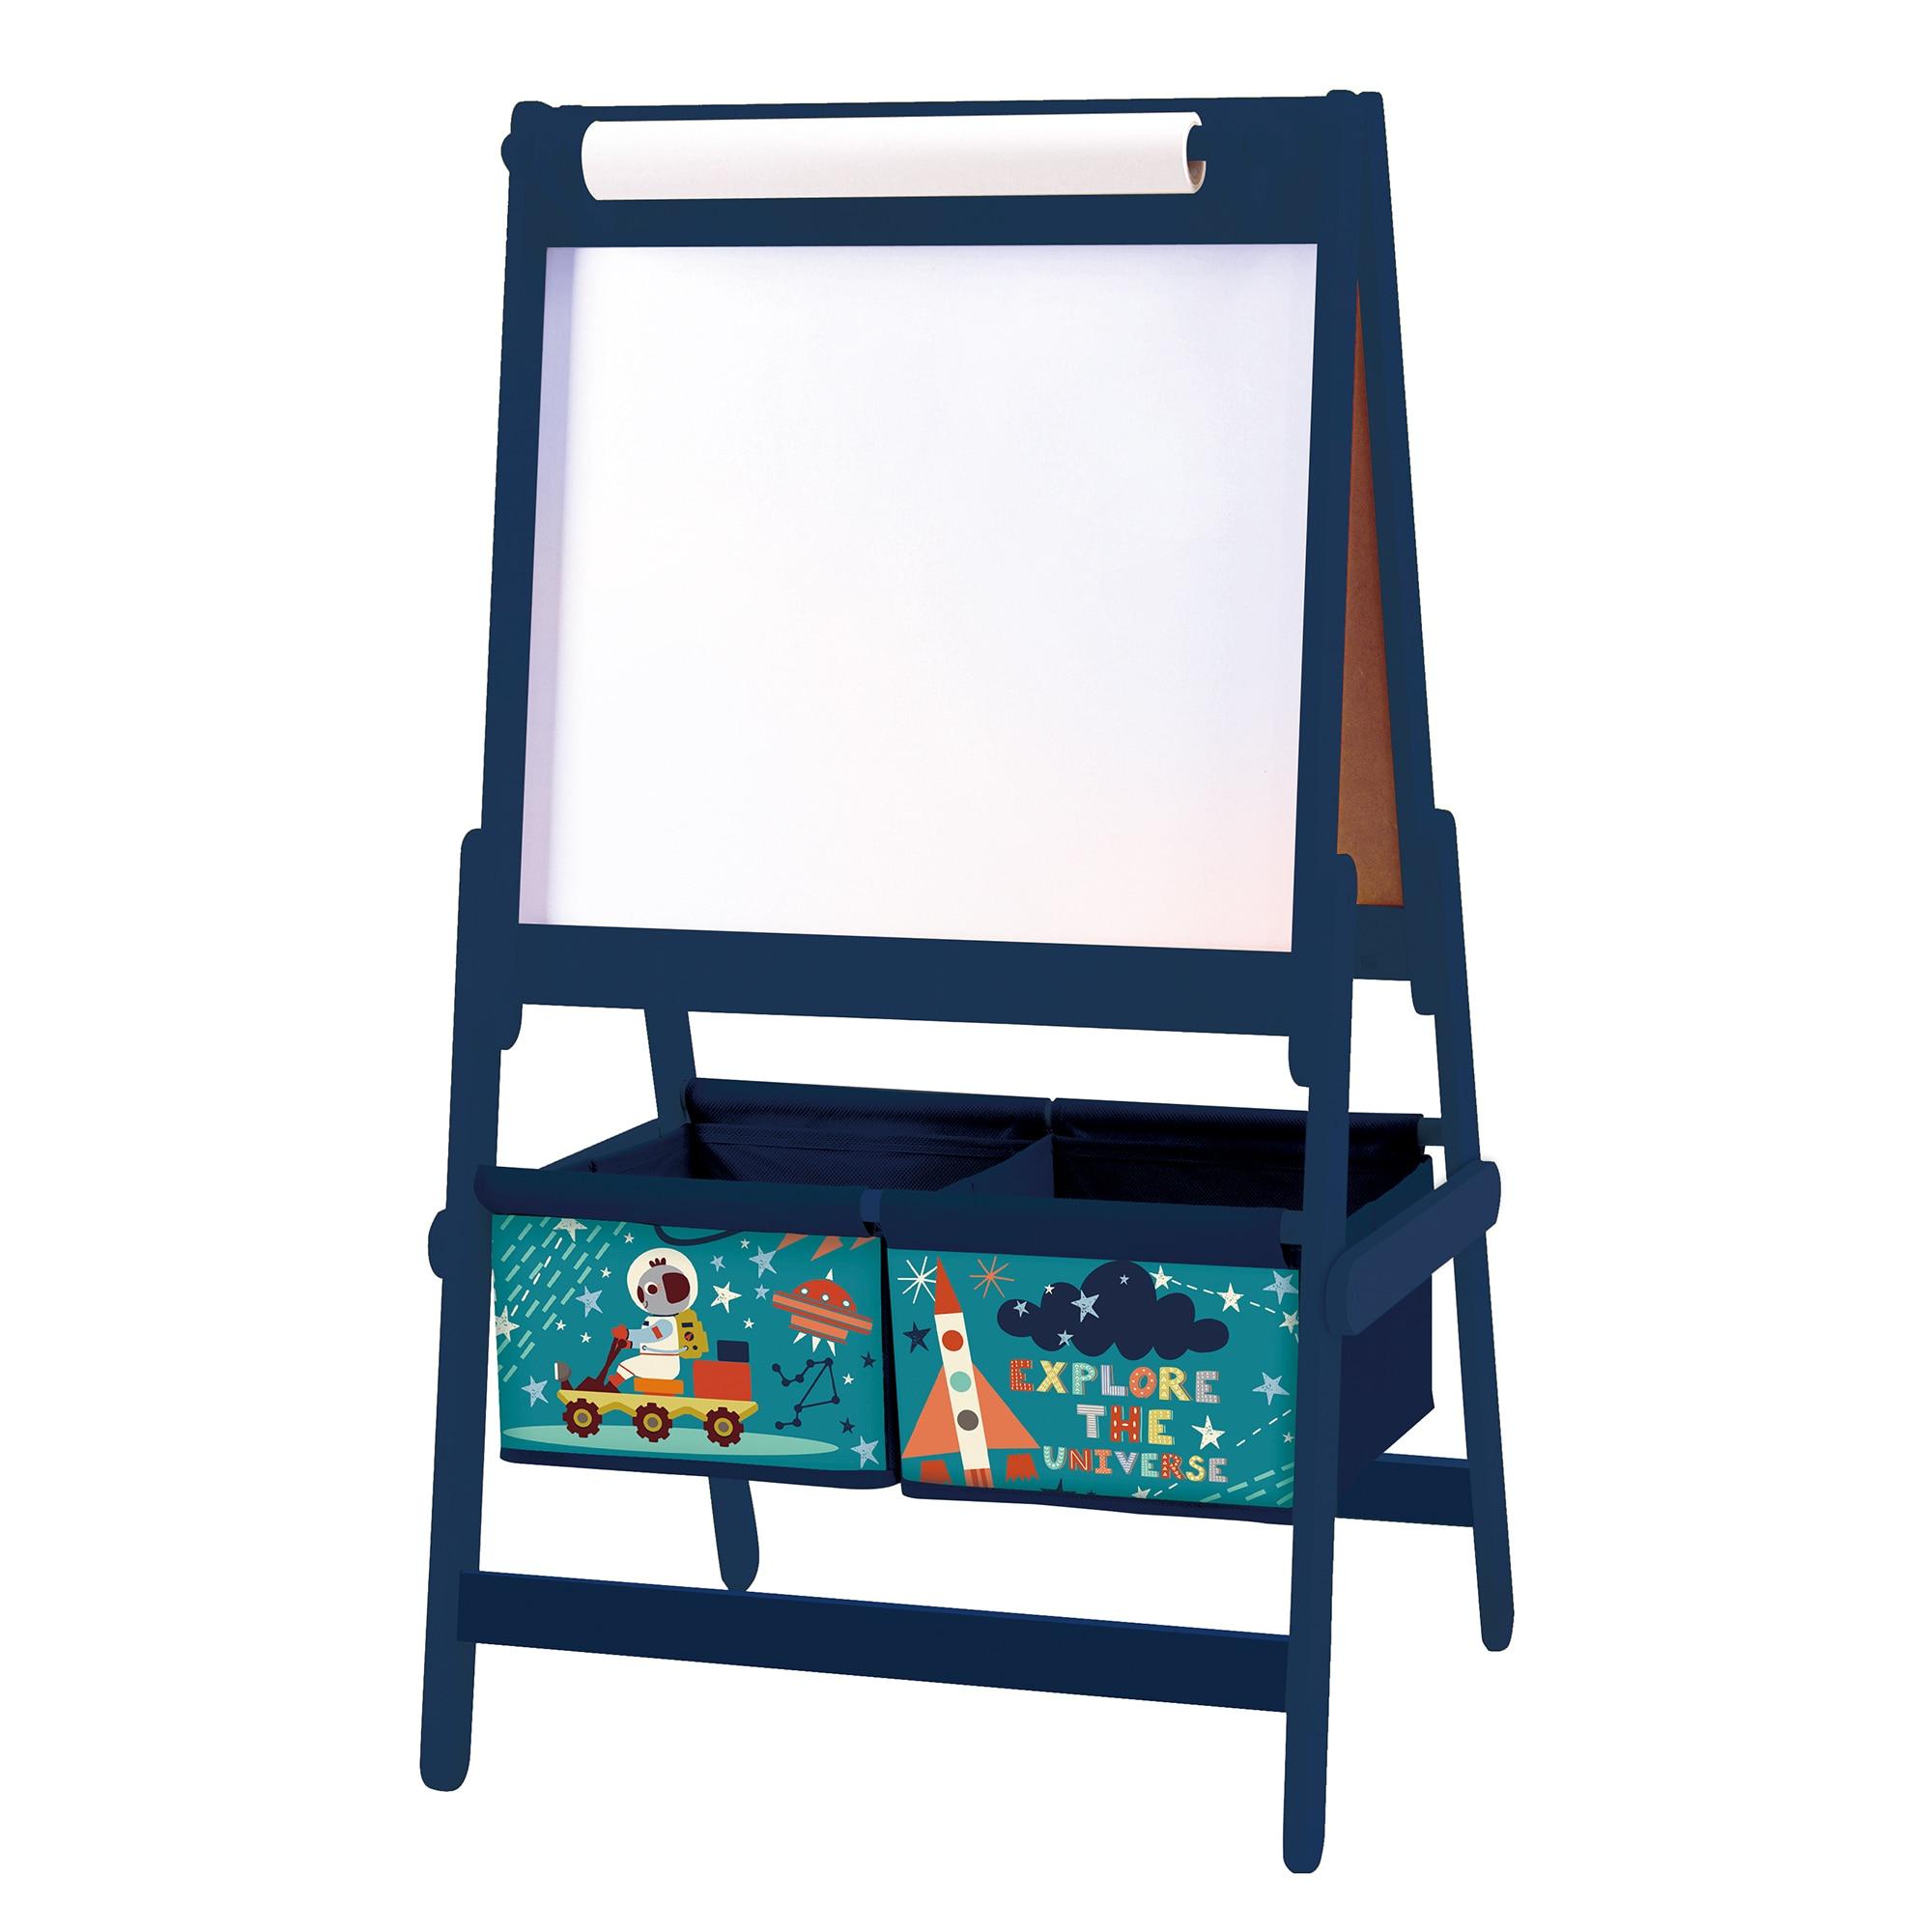 Fotografie Dulap depozitare jucarii Explore the universe, cu tabla de scris, Albastru